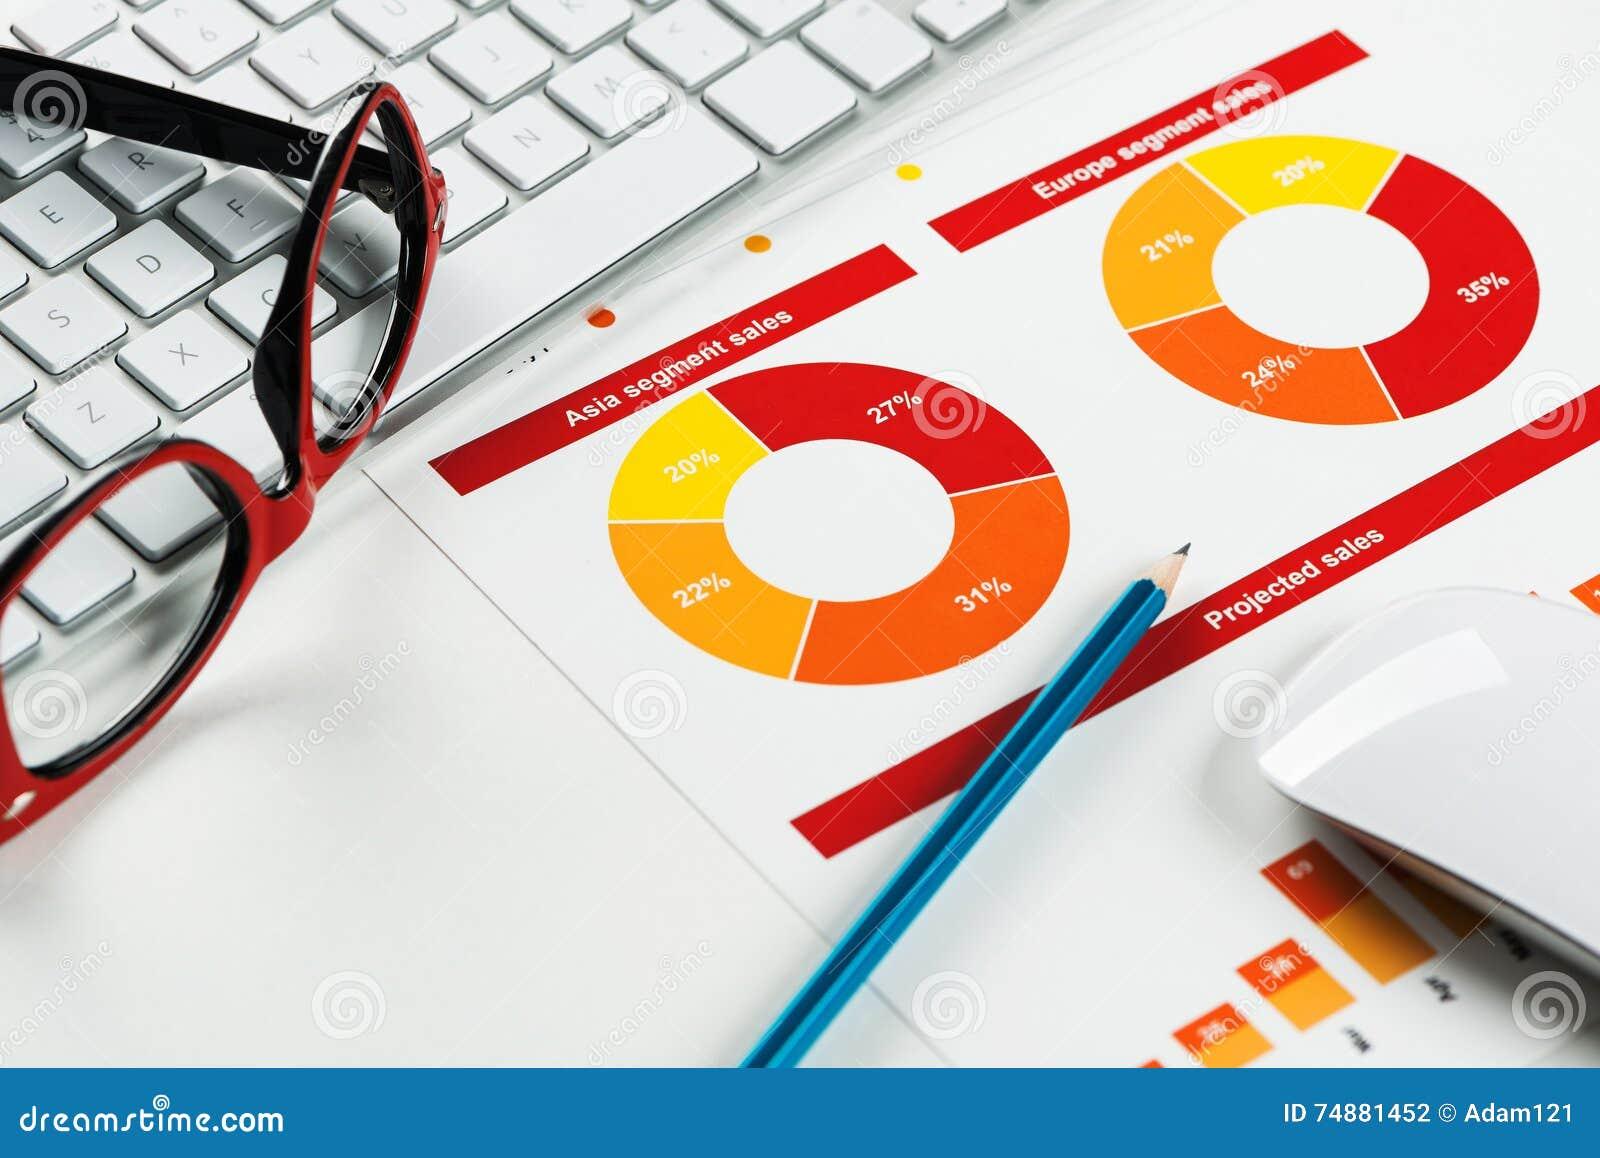 Preparando o relatório de vendas médio